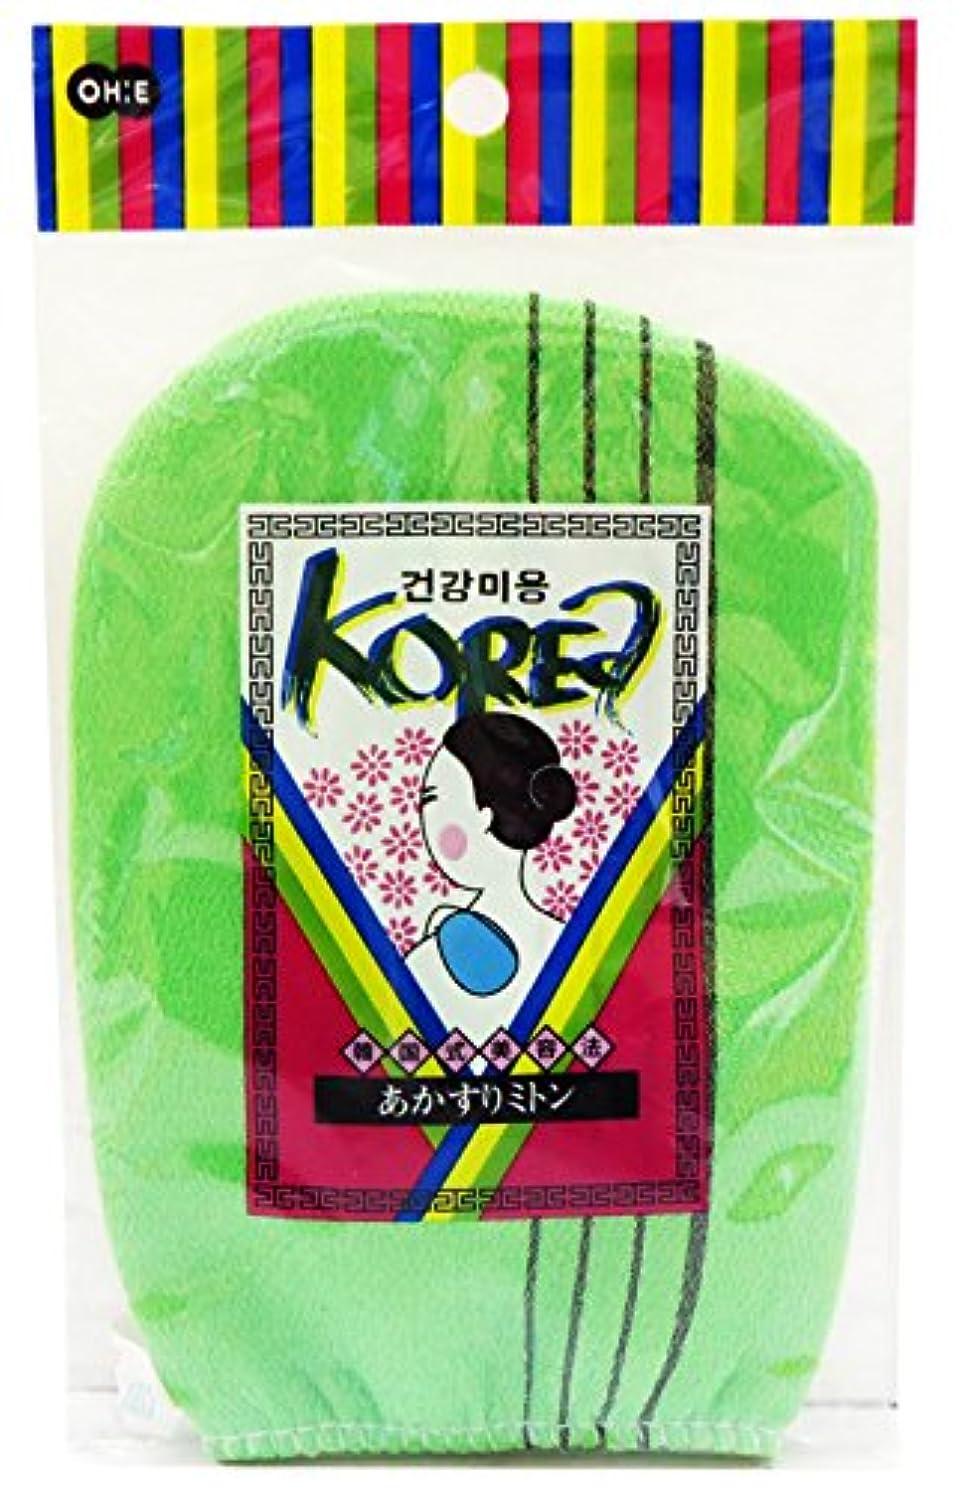 料理をする不愉快に歯オーエ ボディタオル グリーン 約縦18×横13cm 韓国式 あかすり ミトン 角質とり